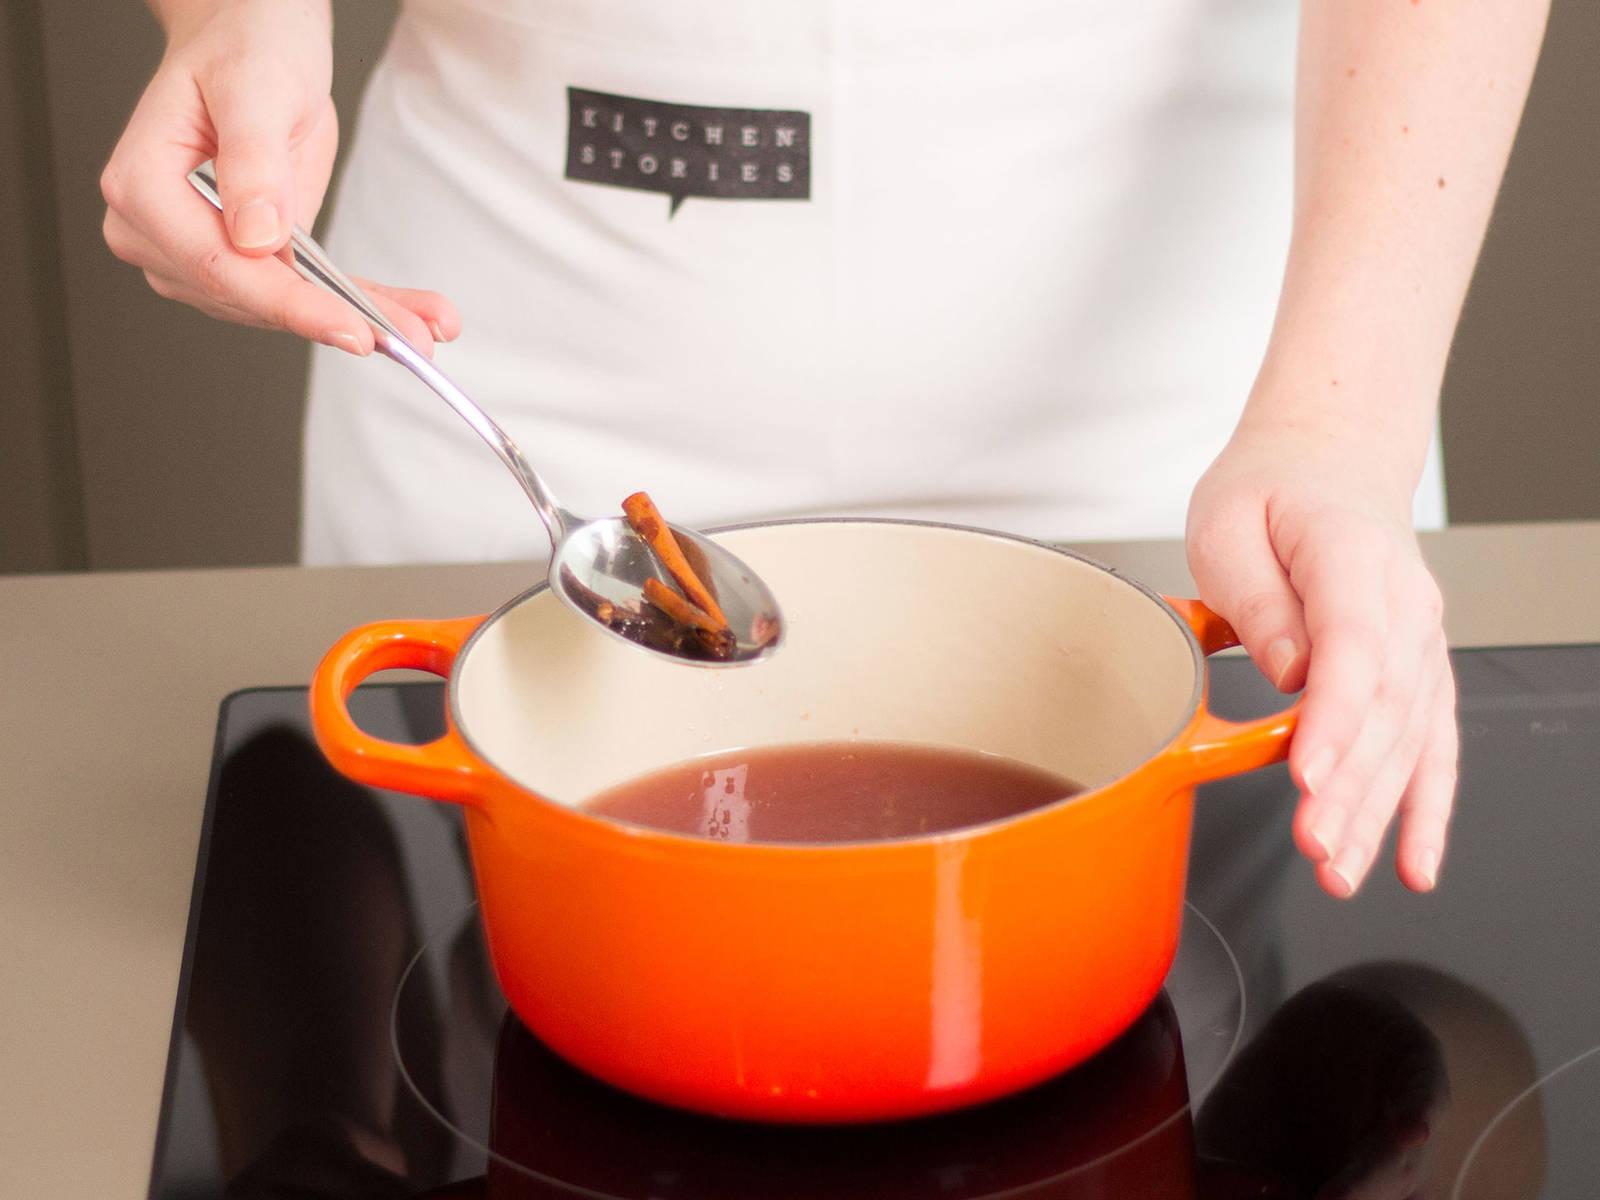 从汤汁中取出丁香与肉桂并丢弃。